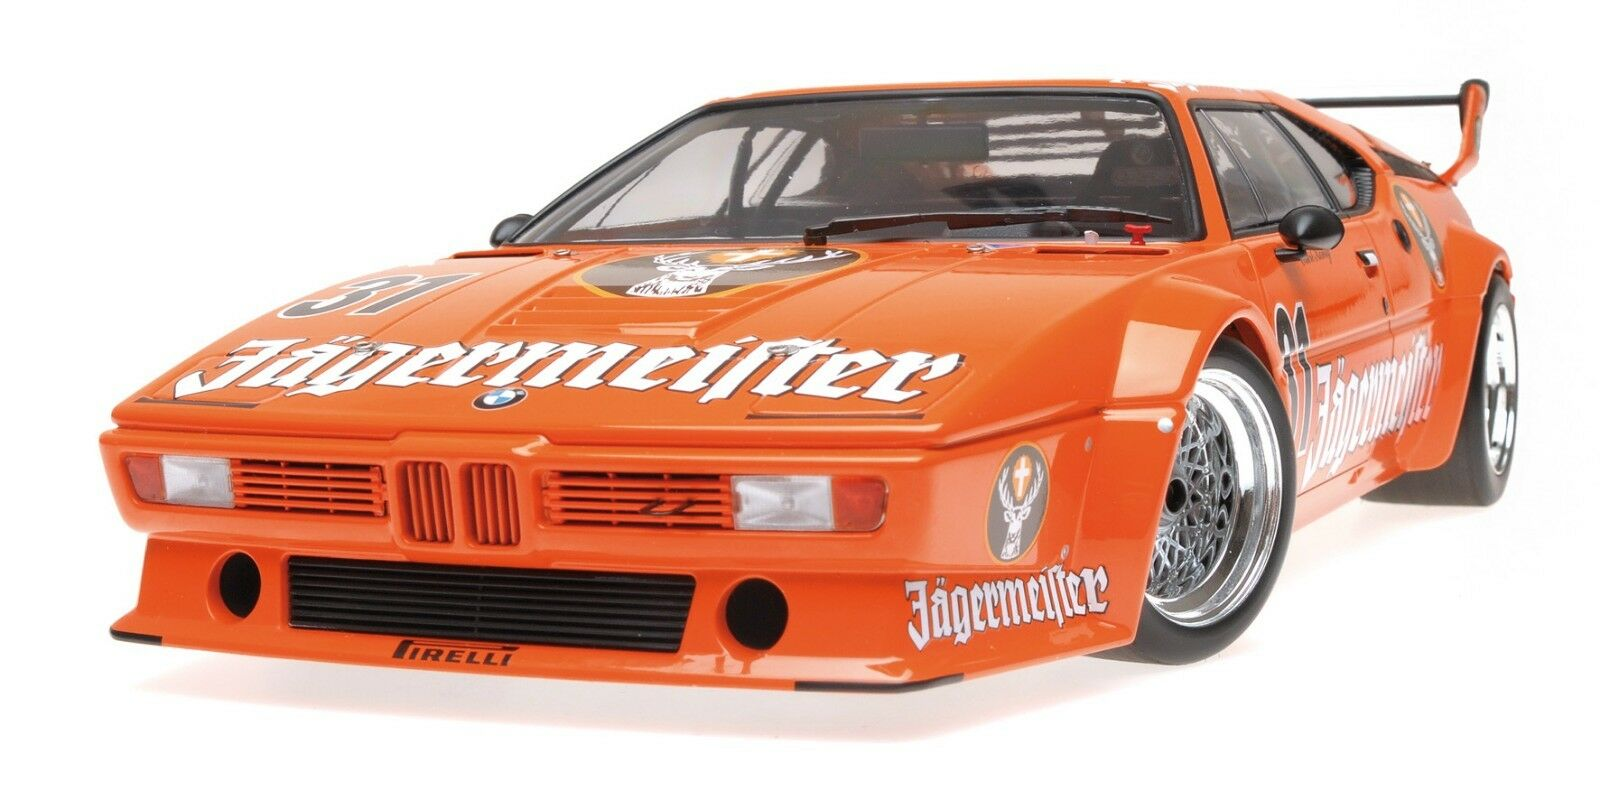 1 Bmw Gr Konig Drm 1982 Eifelrennen Minichamps 4 Nurburgring 12 yIbm6gf7vY